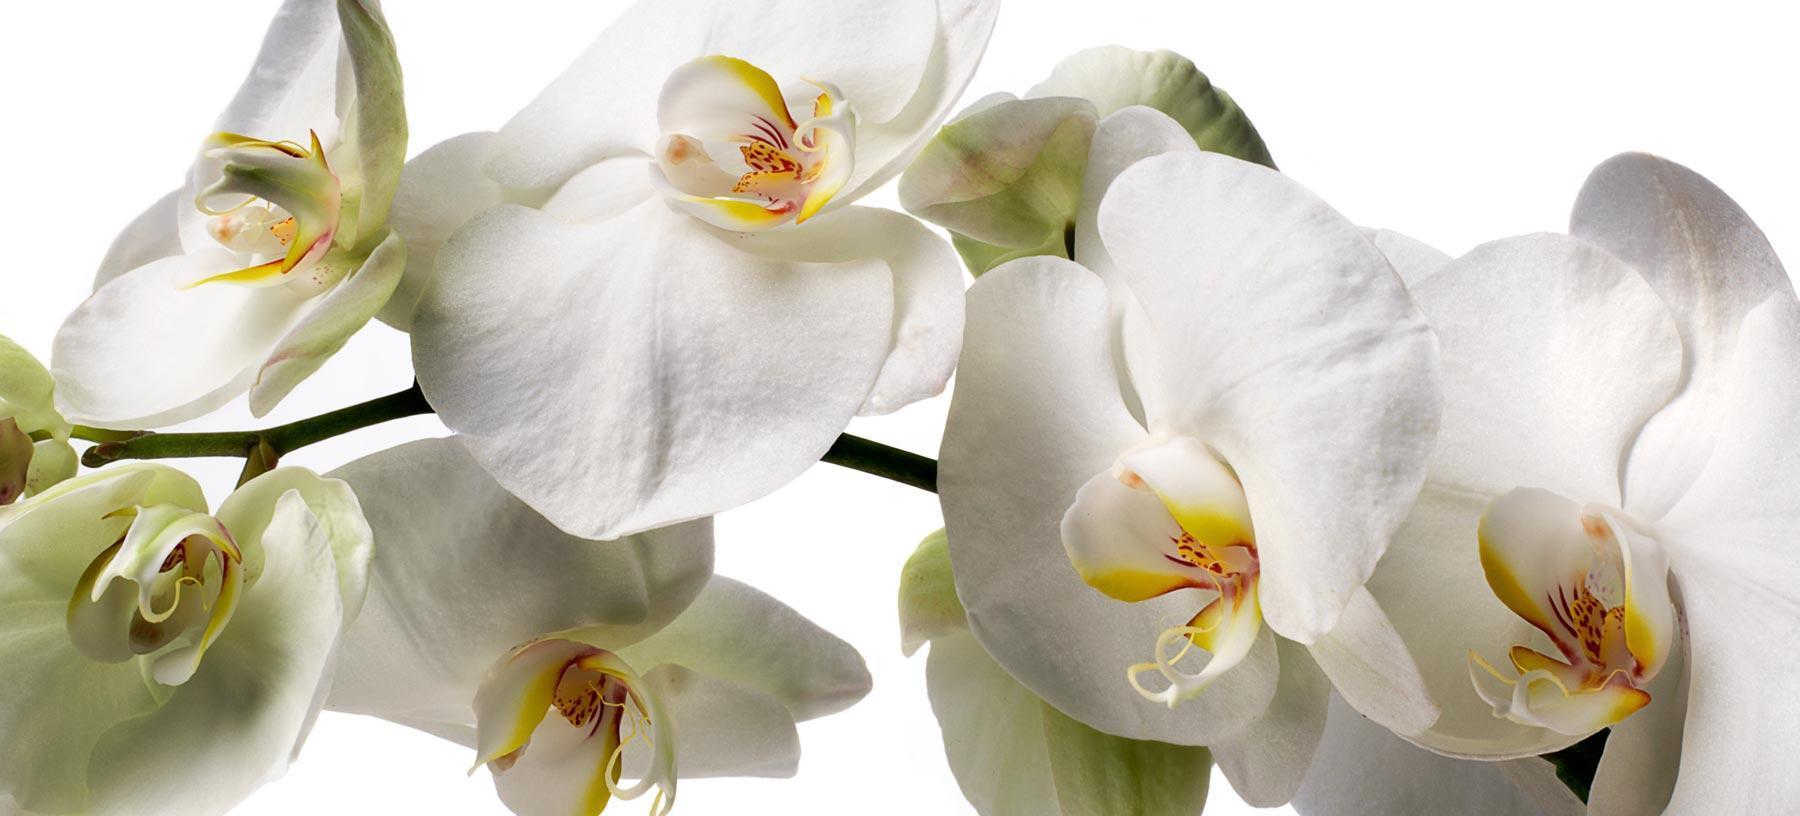 Cut orchids